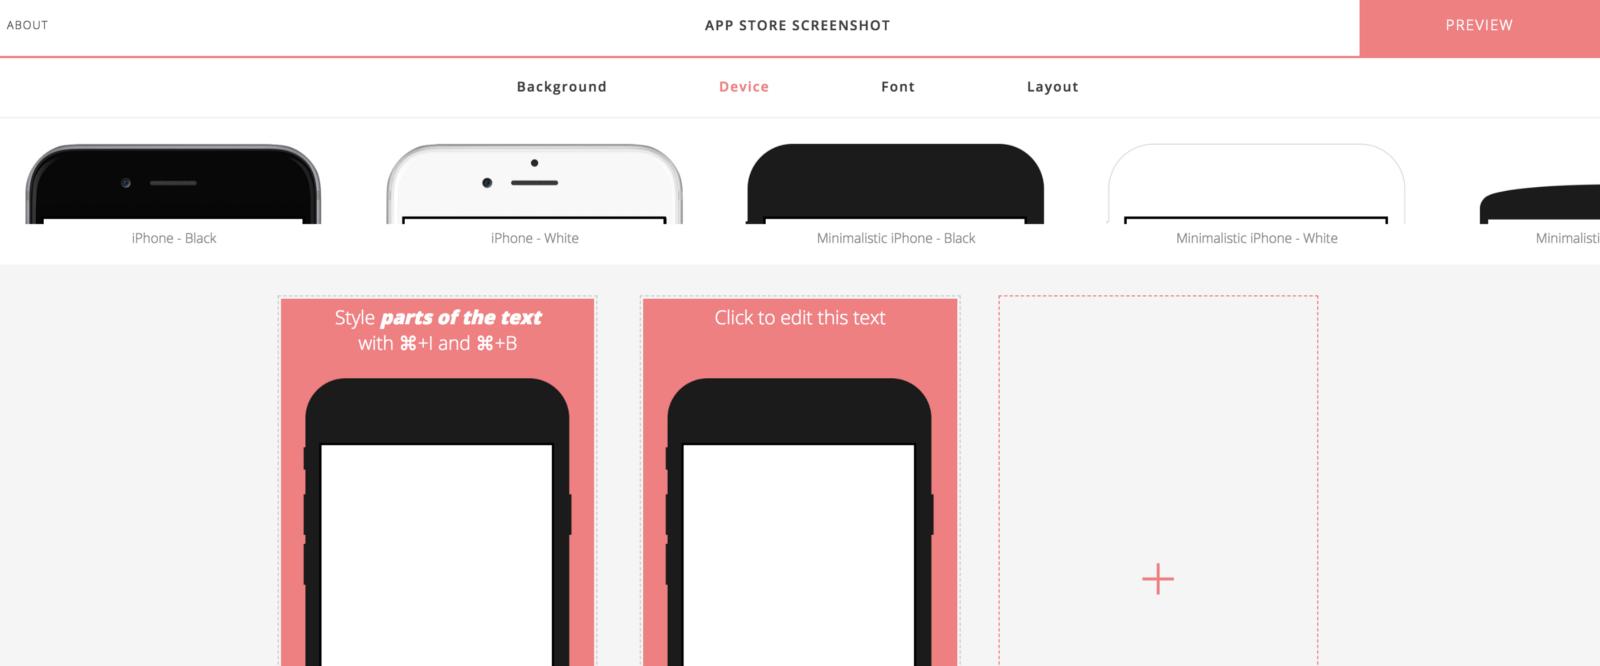 Appstore screenshot generator